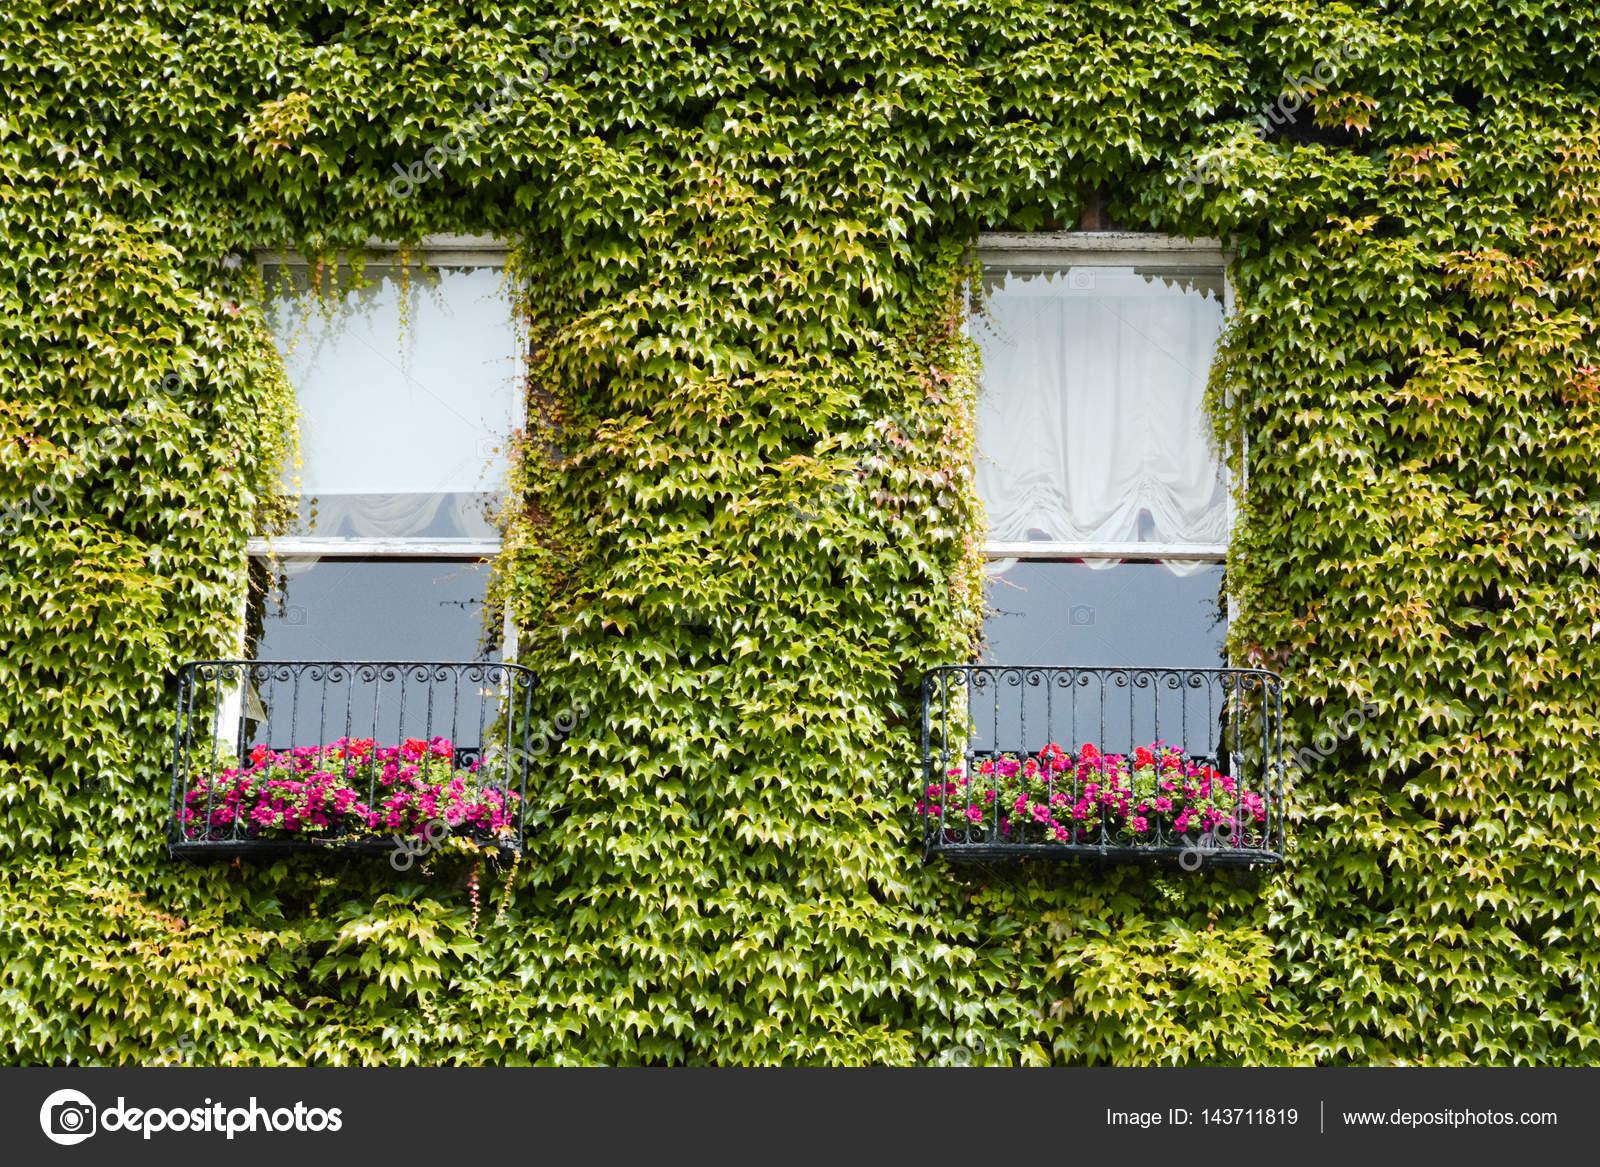 Pianta rampicante verde dell 39 edera sul muro di casa foto - Disegnare sul muro di casa ...